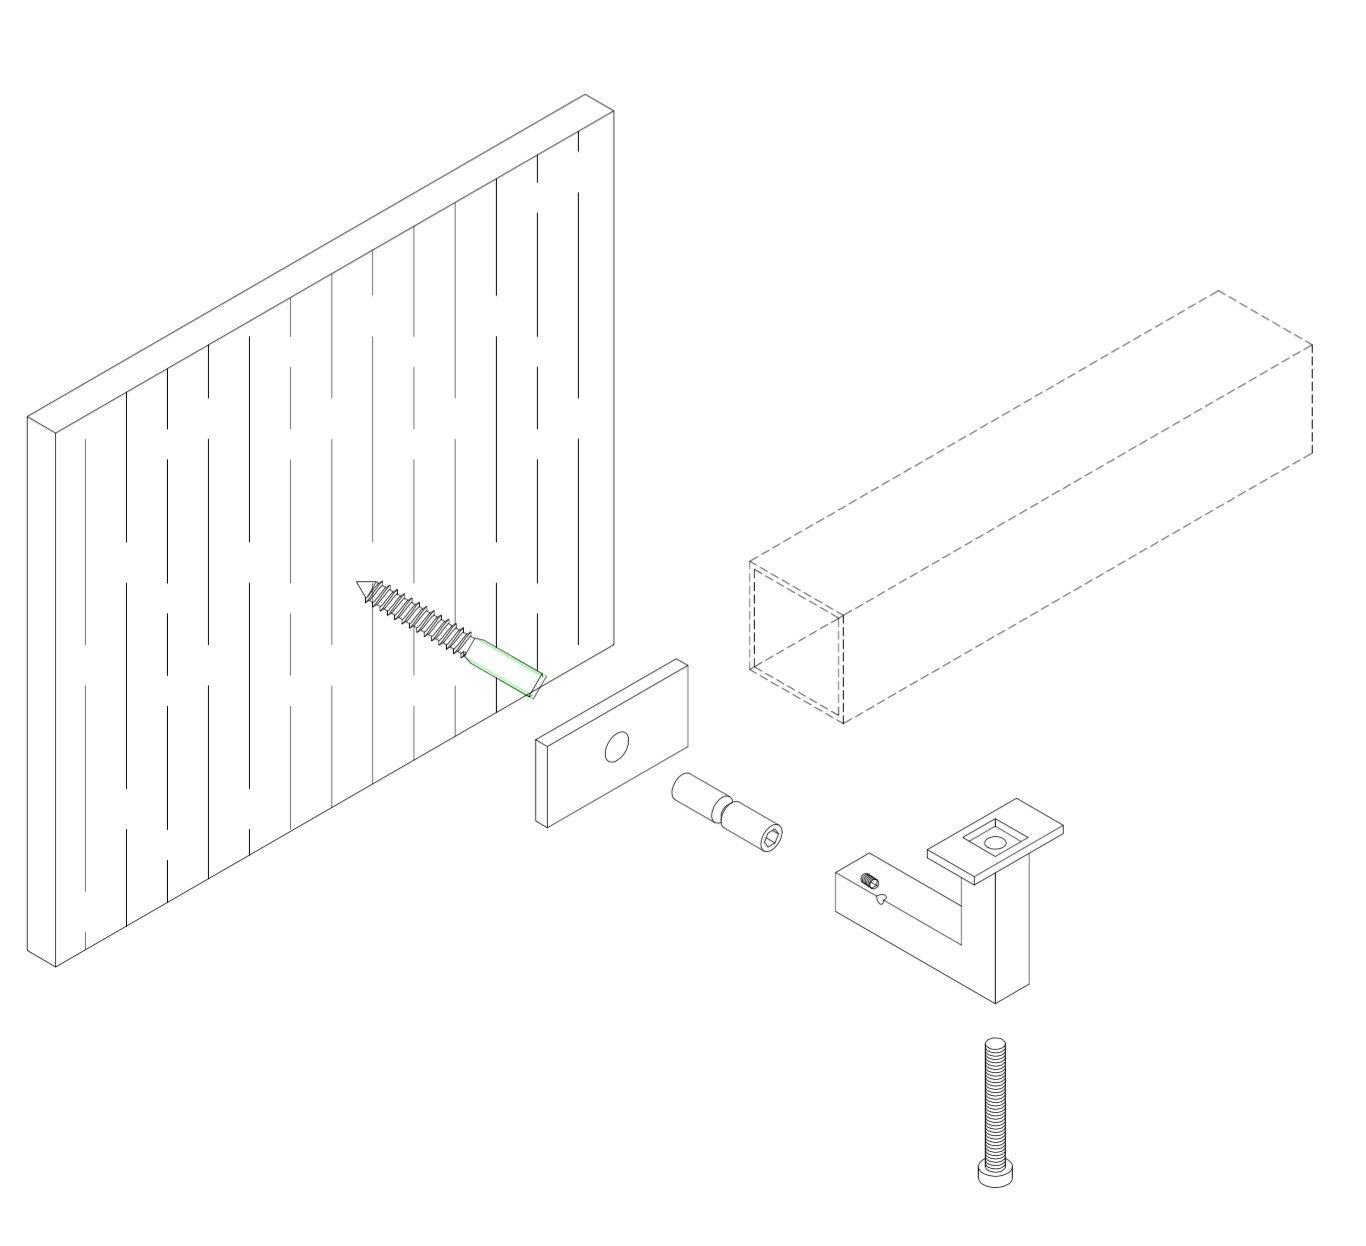 Stainless Steel Handrail Wall Bracket Square for Flat Bottom Tube